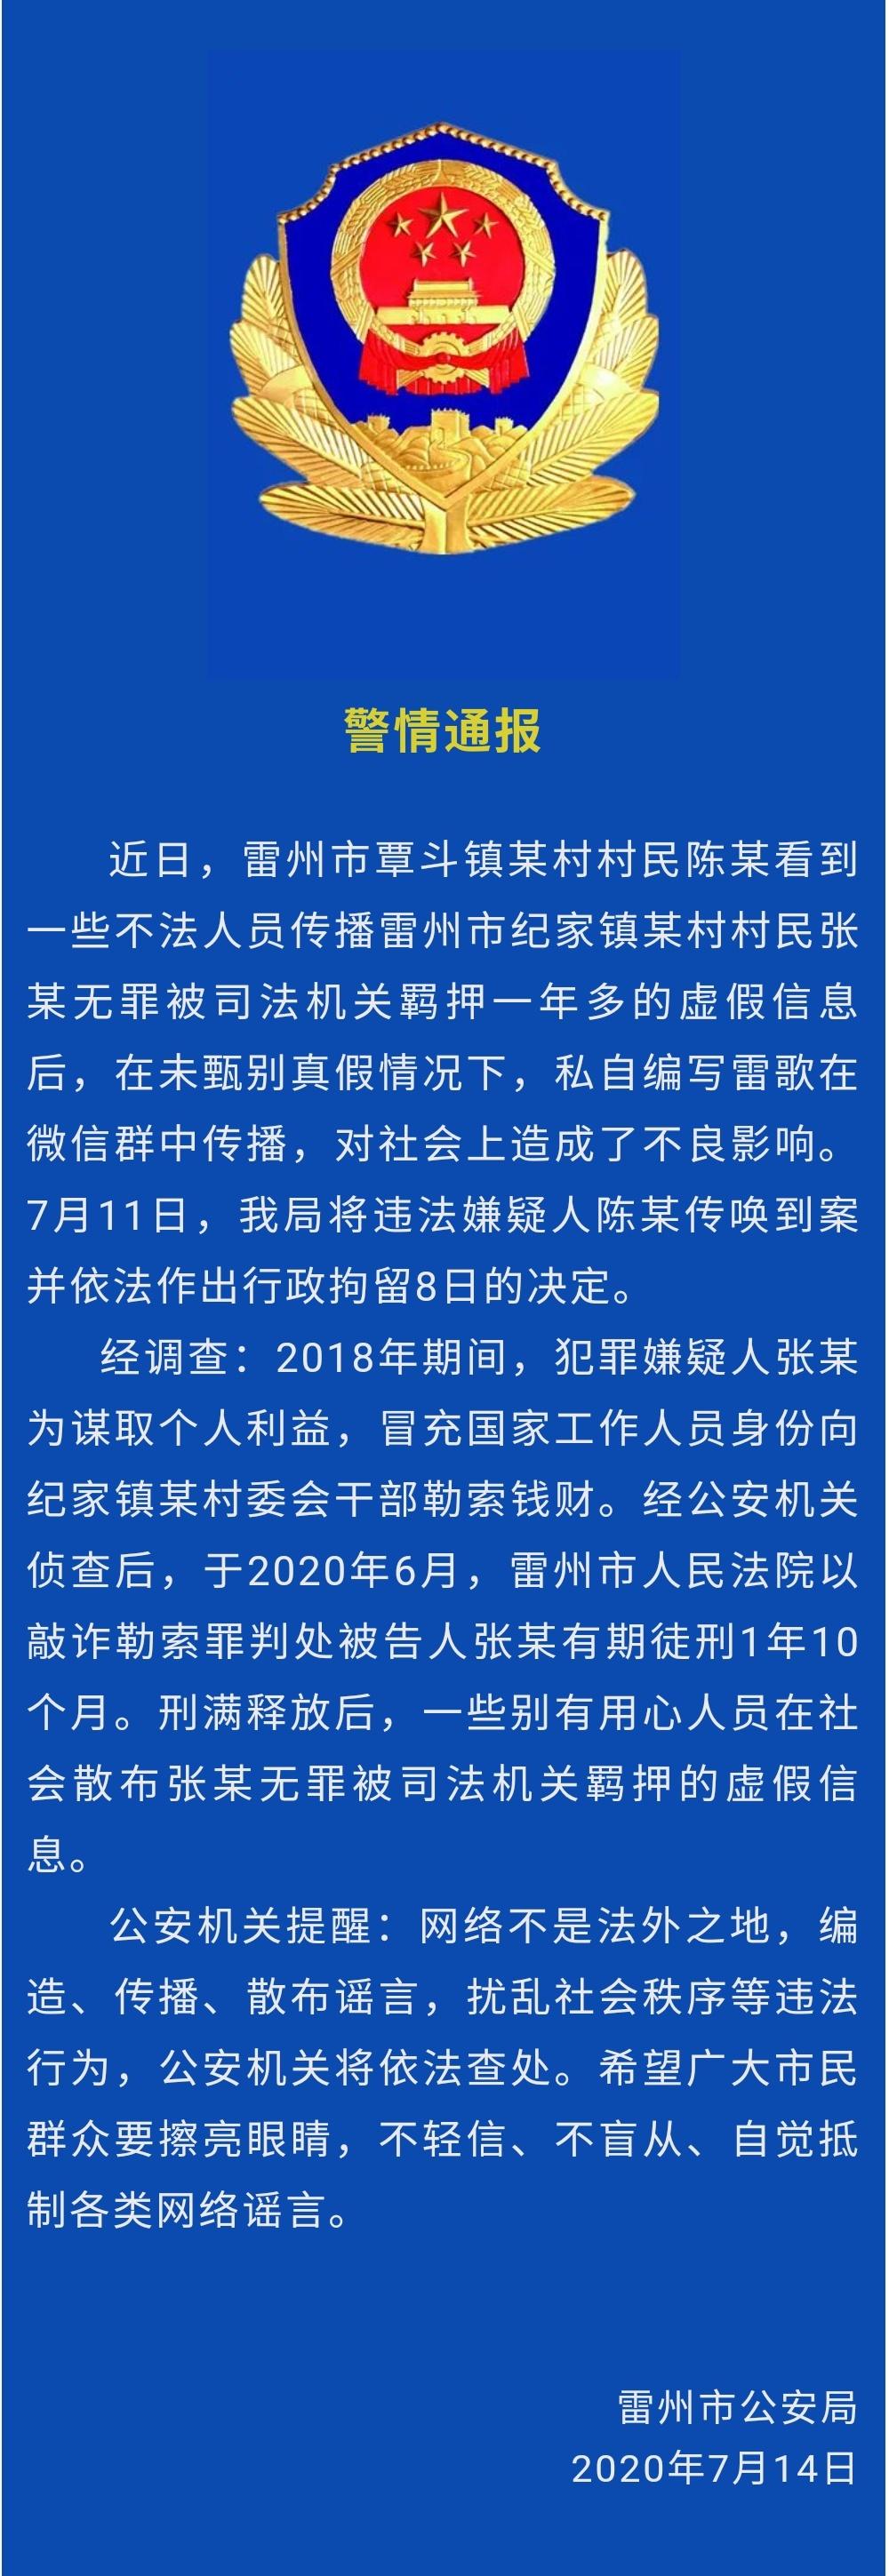 雷州一村民虚假信息私自编写雷歌并传播被行政拘留8日